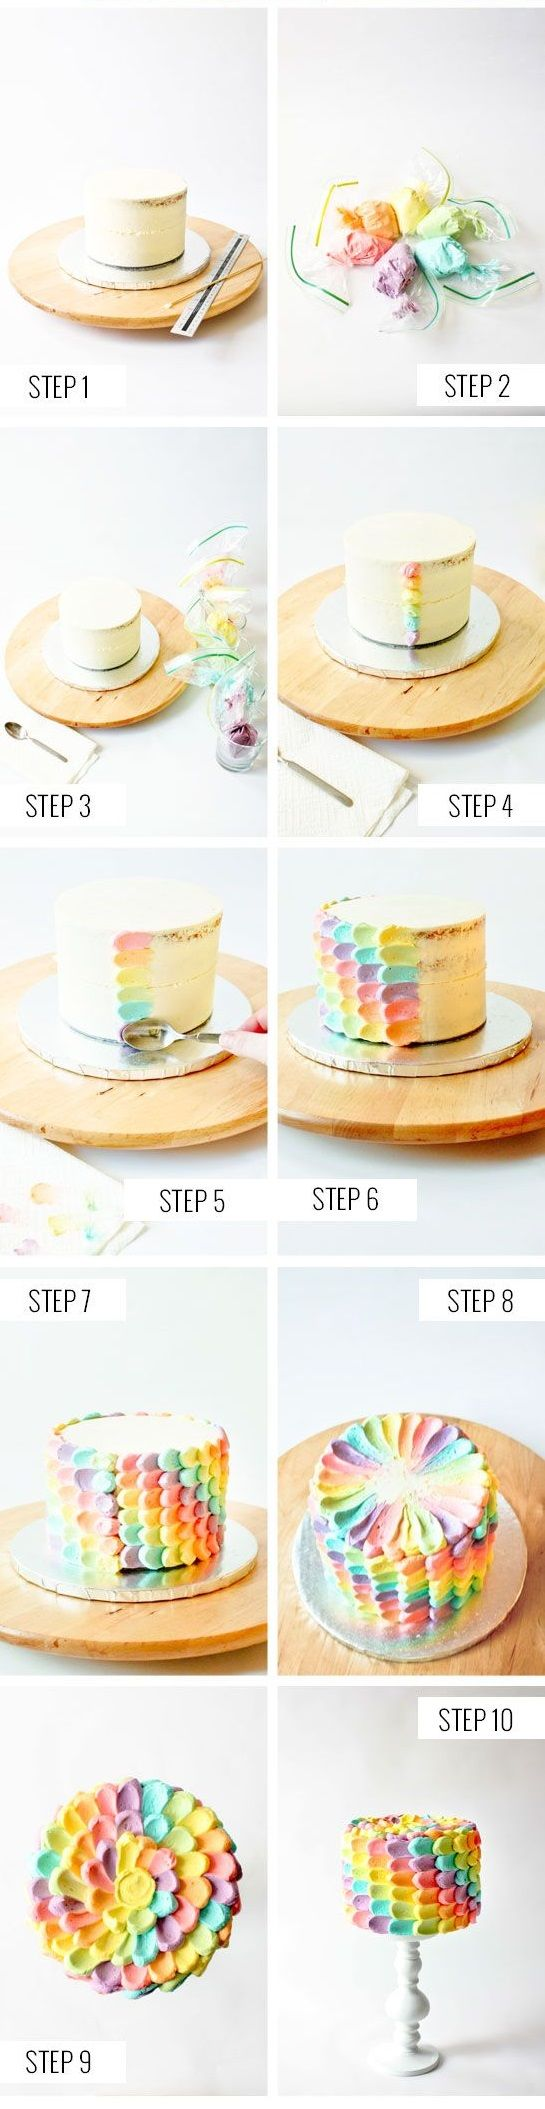 decoración de torta de pétalos de colores